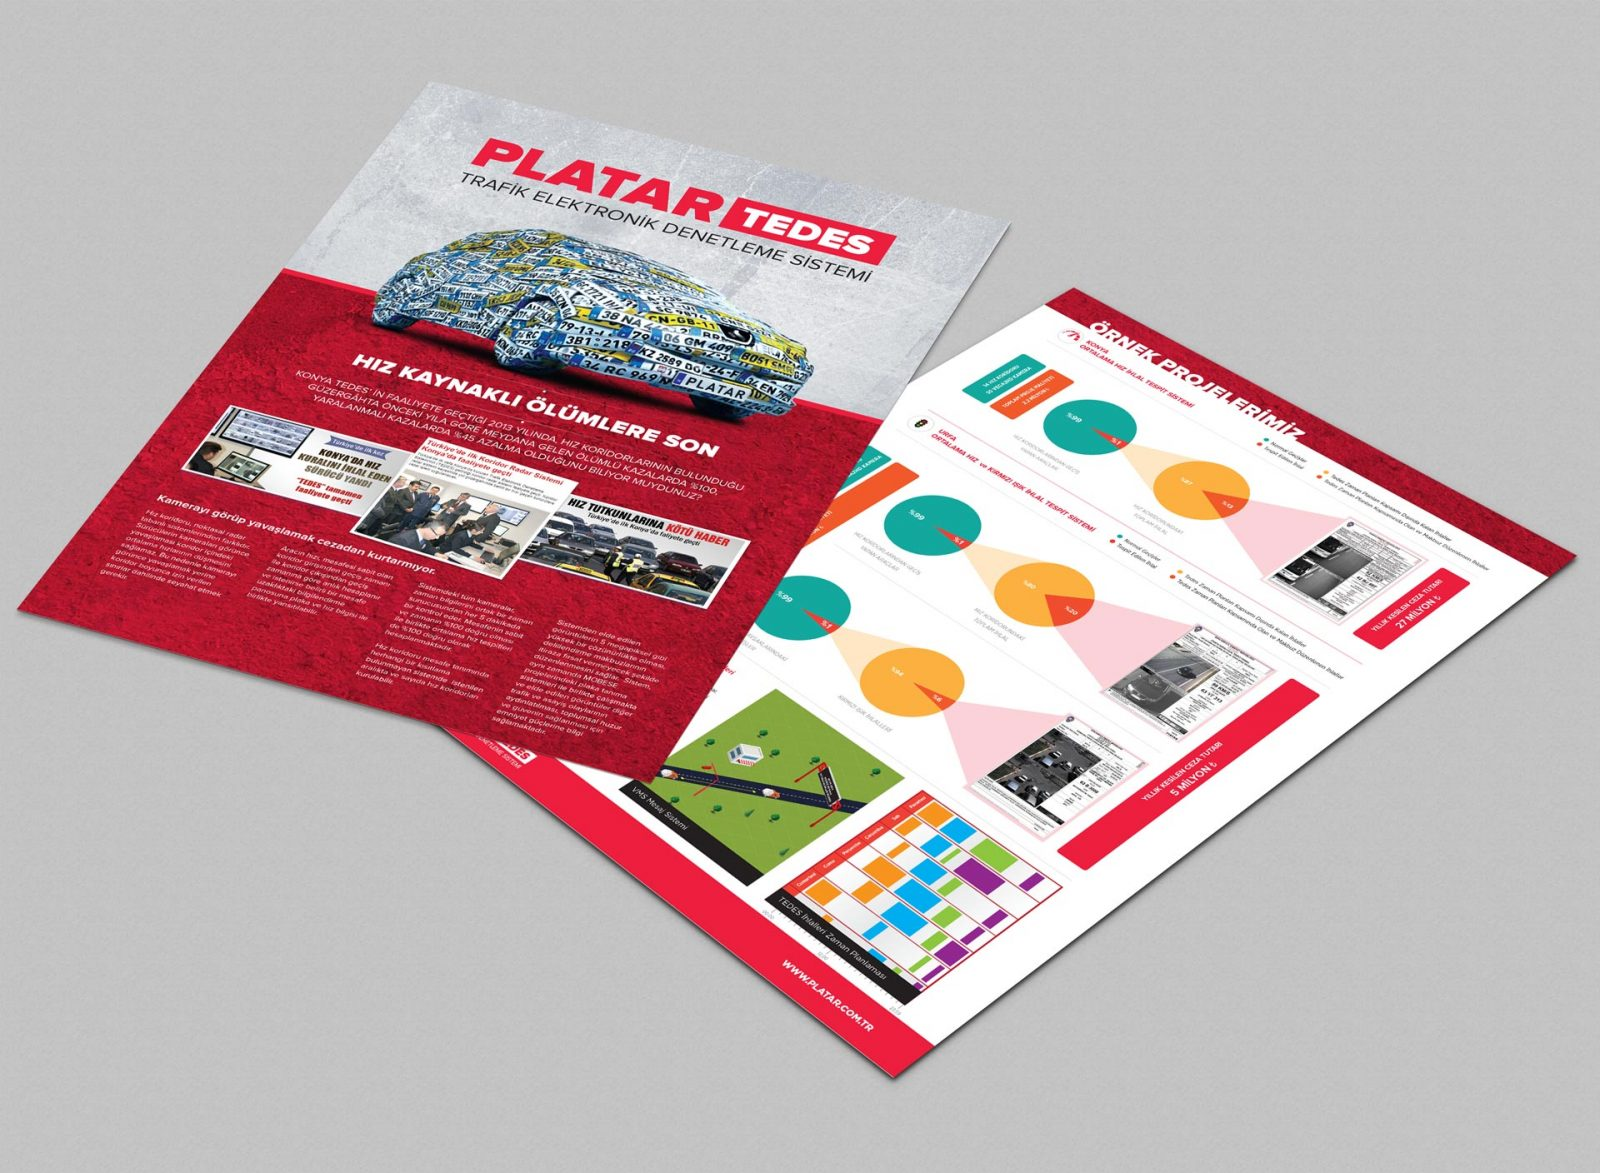 platar tedes flyer tasarımı 01